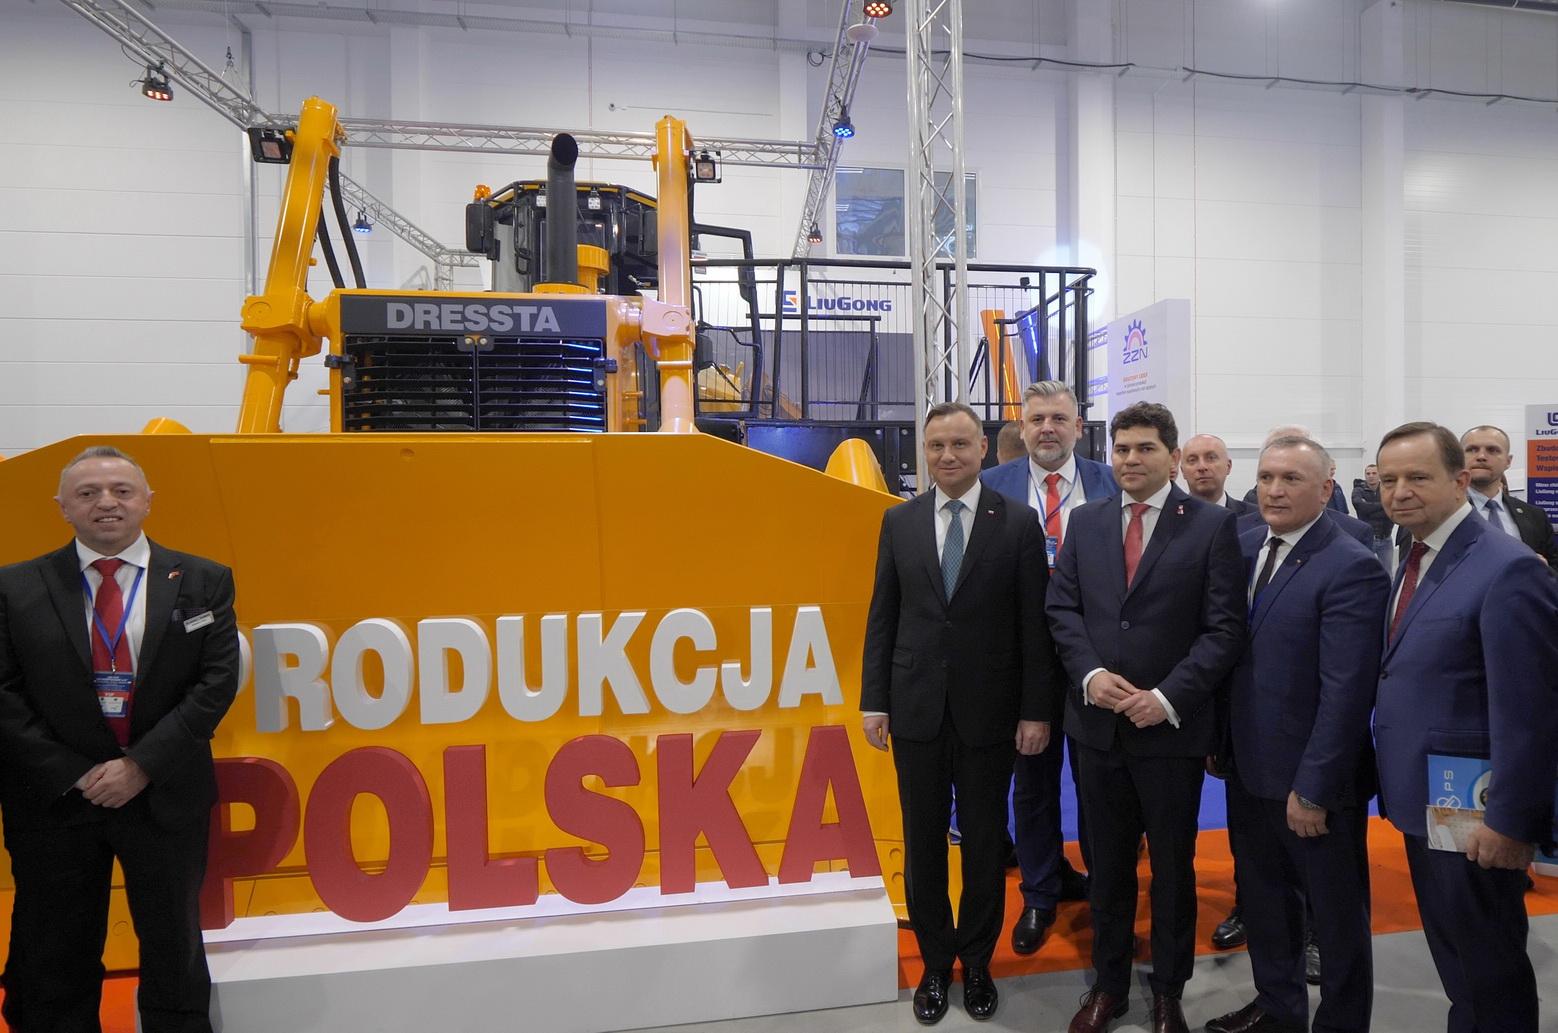 Prezydent Andrzej Duda o chińskiej inwestycji w Stalowej Woli (2)